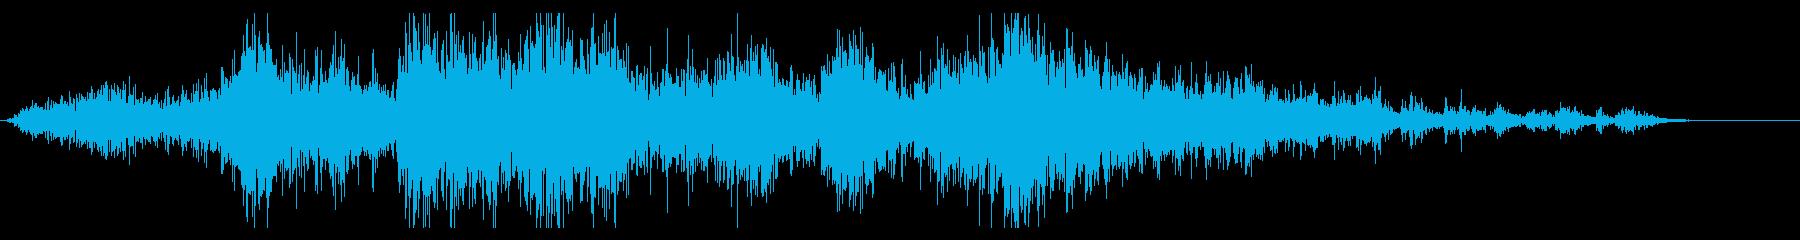 地鳴り#2「ゴゴゴ・・・」の再生済みの波形